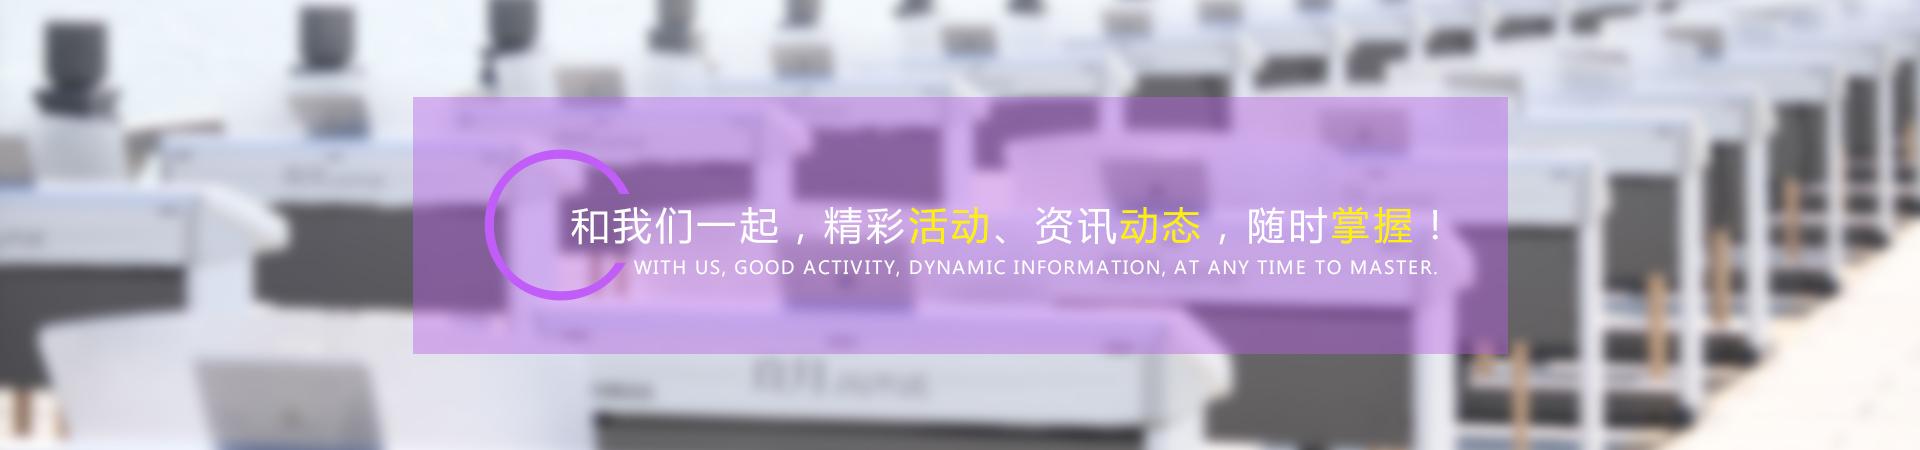 玖月教育新闻详情